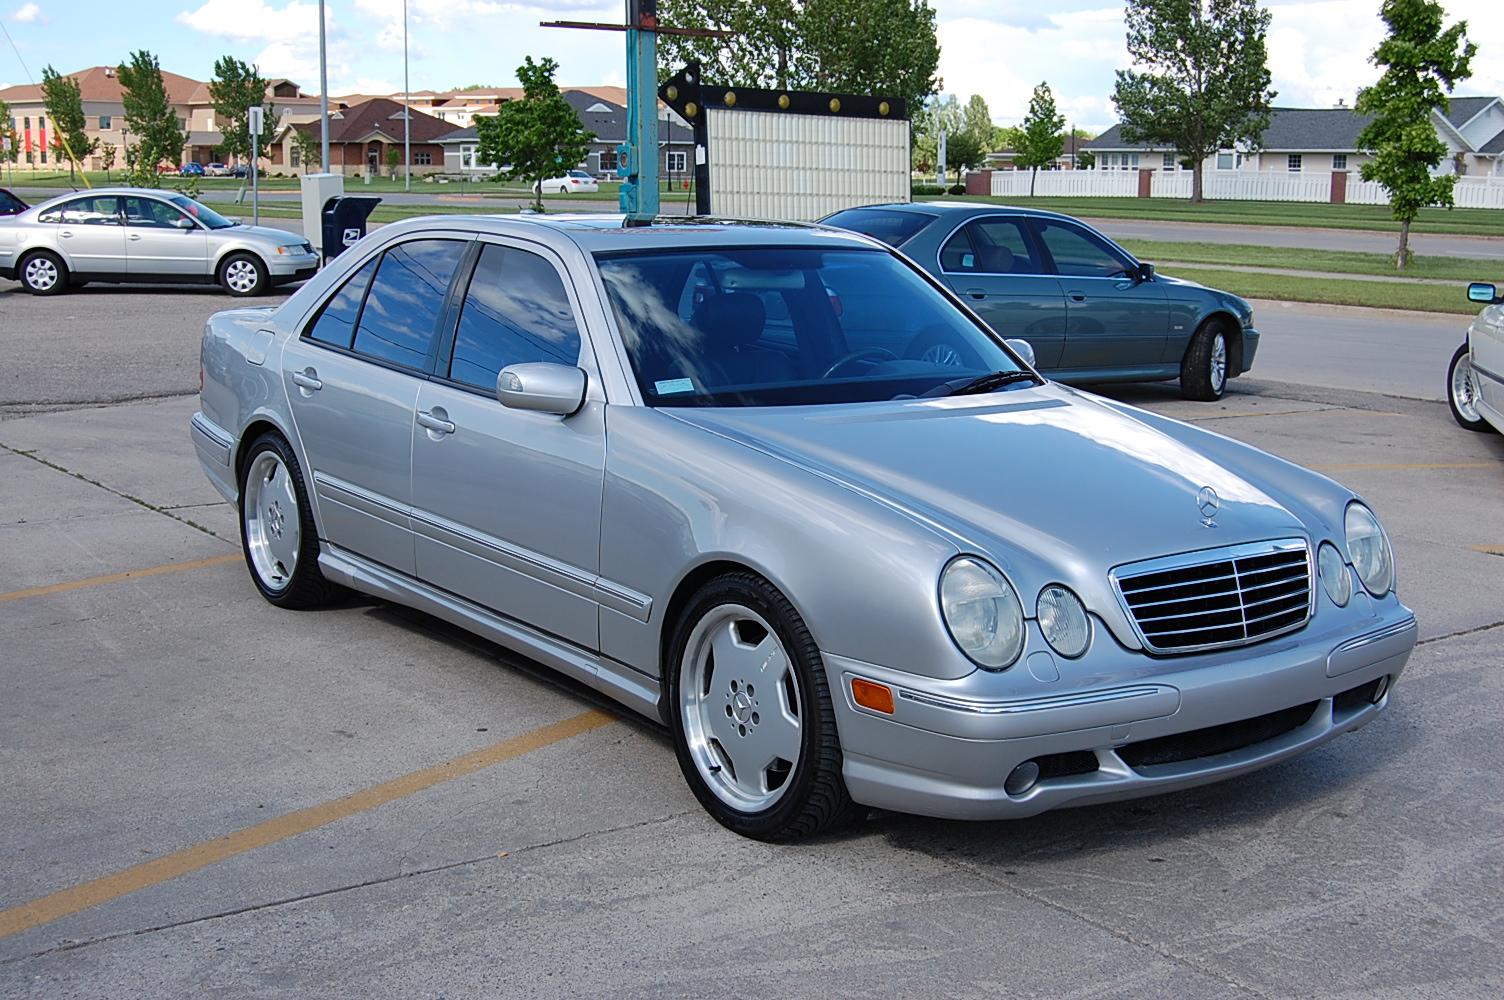 2000 mercedes benz e55 amg information and photos for Mercedes benz e55